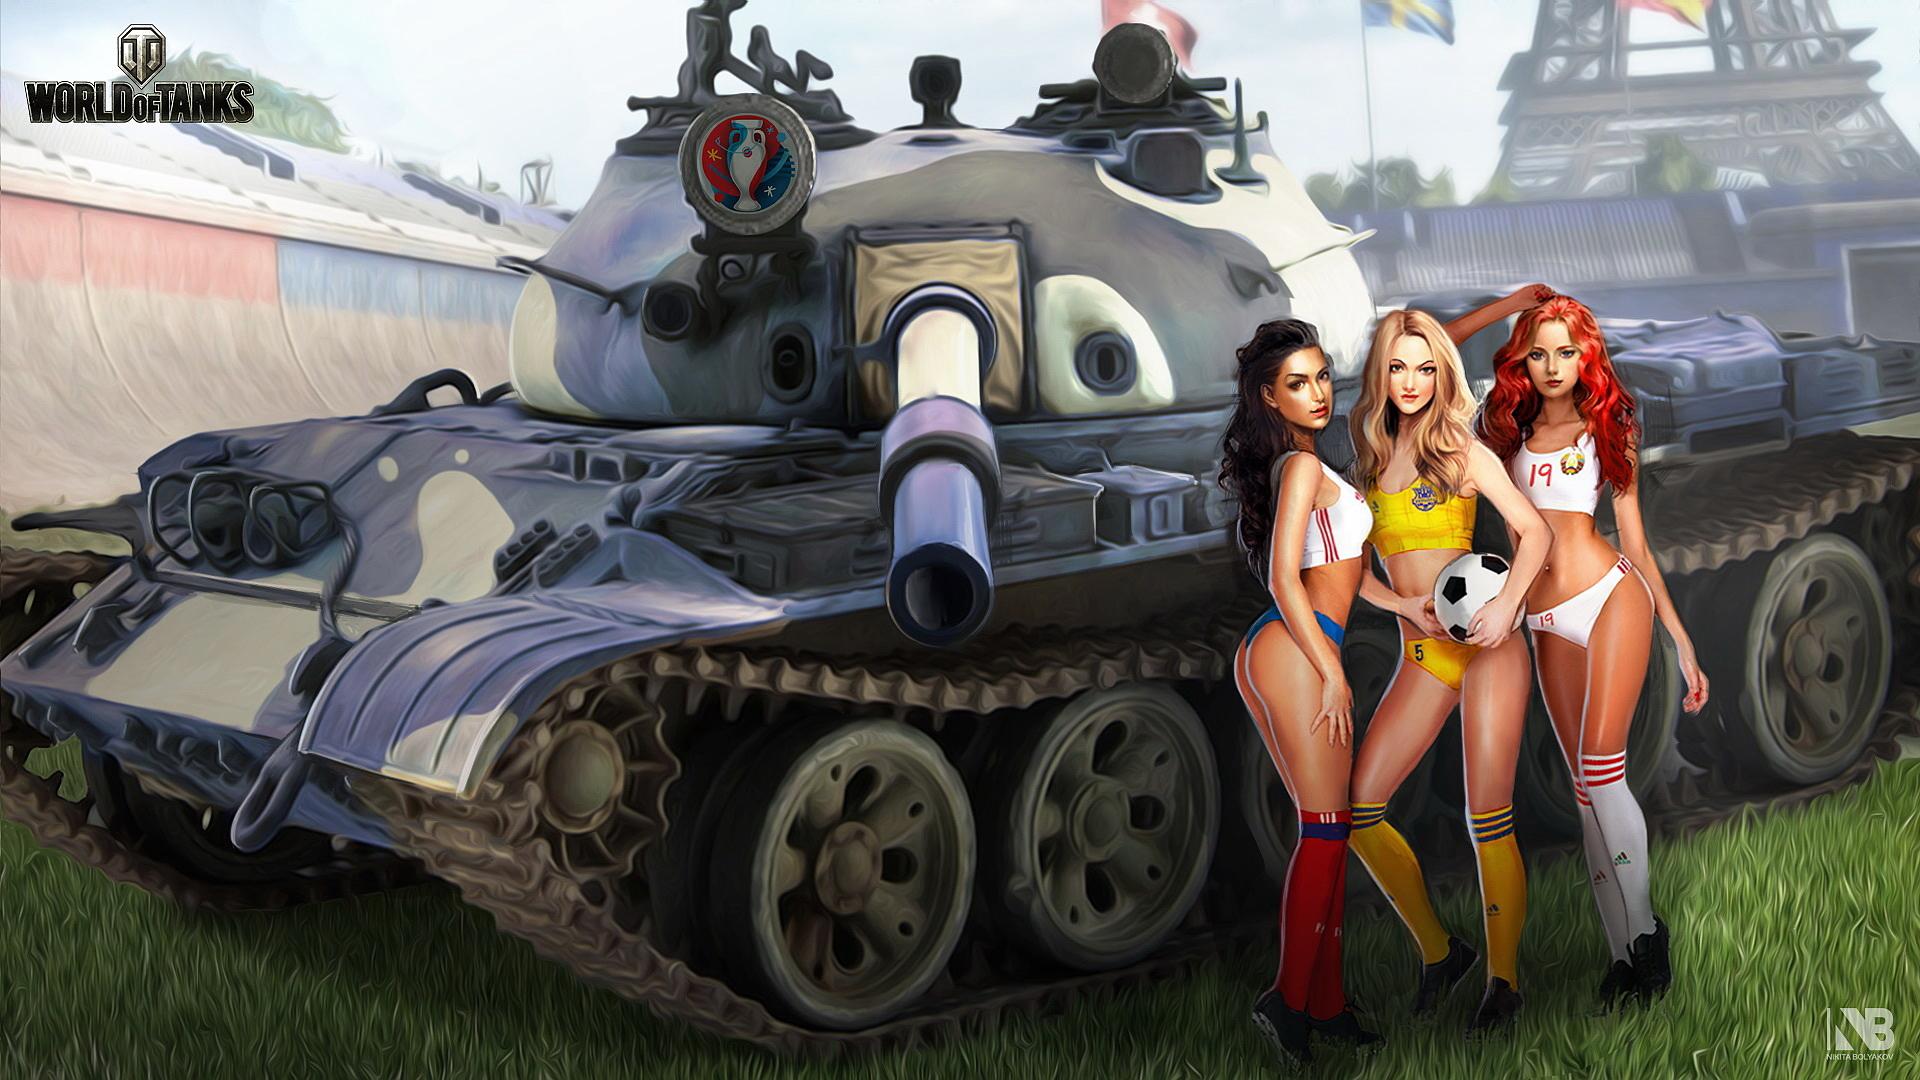 обои на рабочий стол танки world of tanks девушки № 204928  скачать